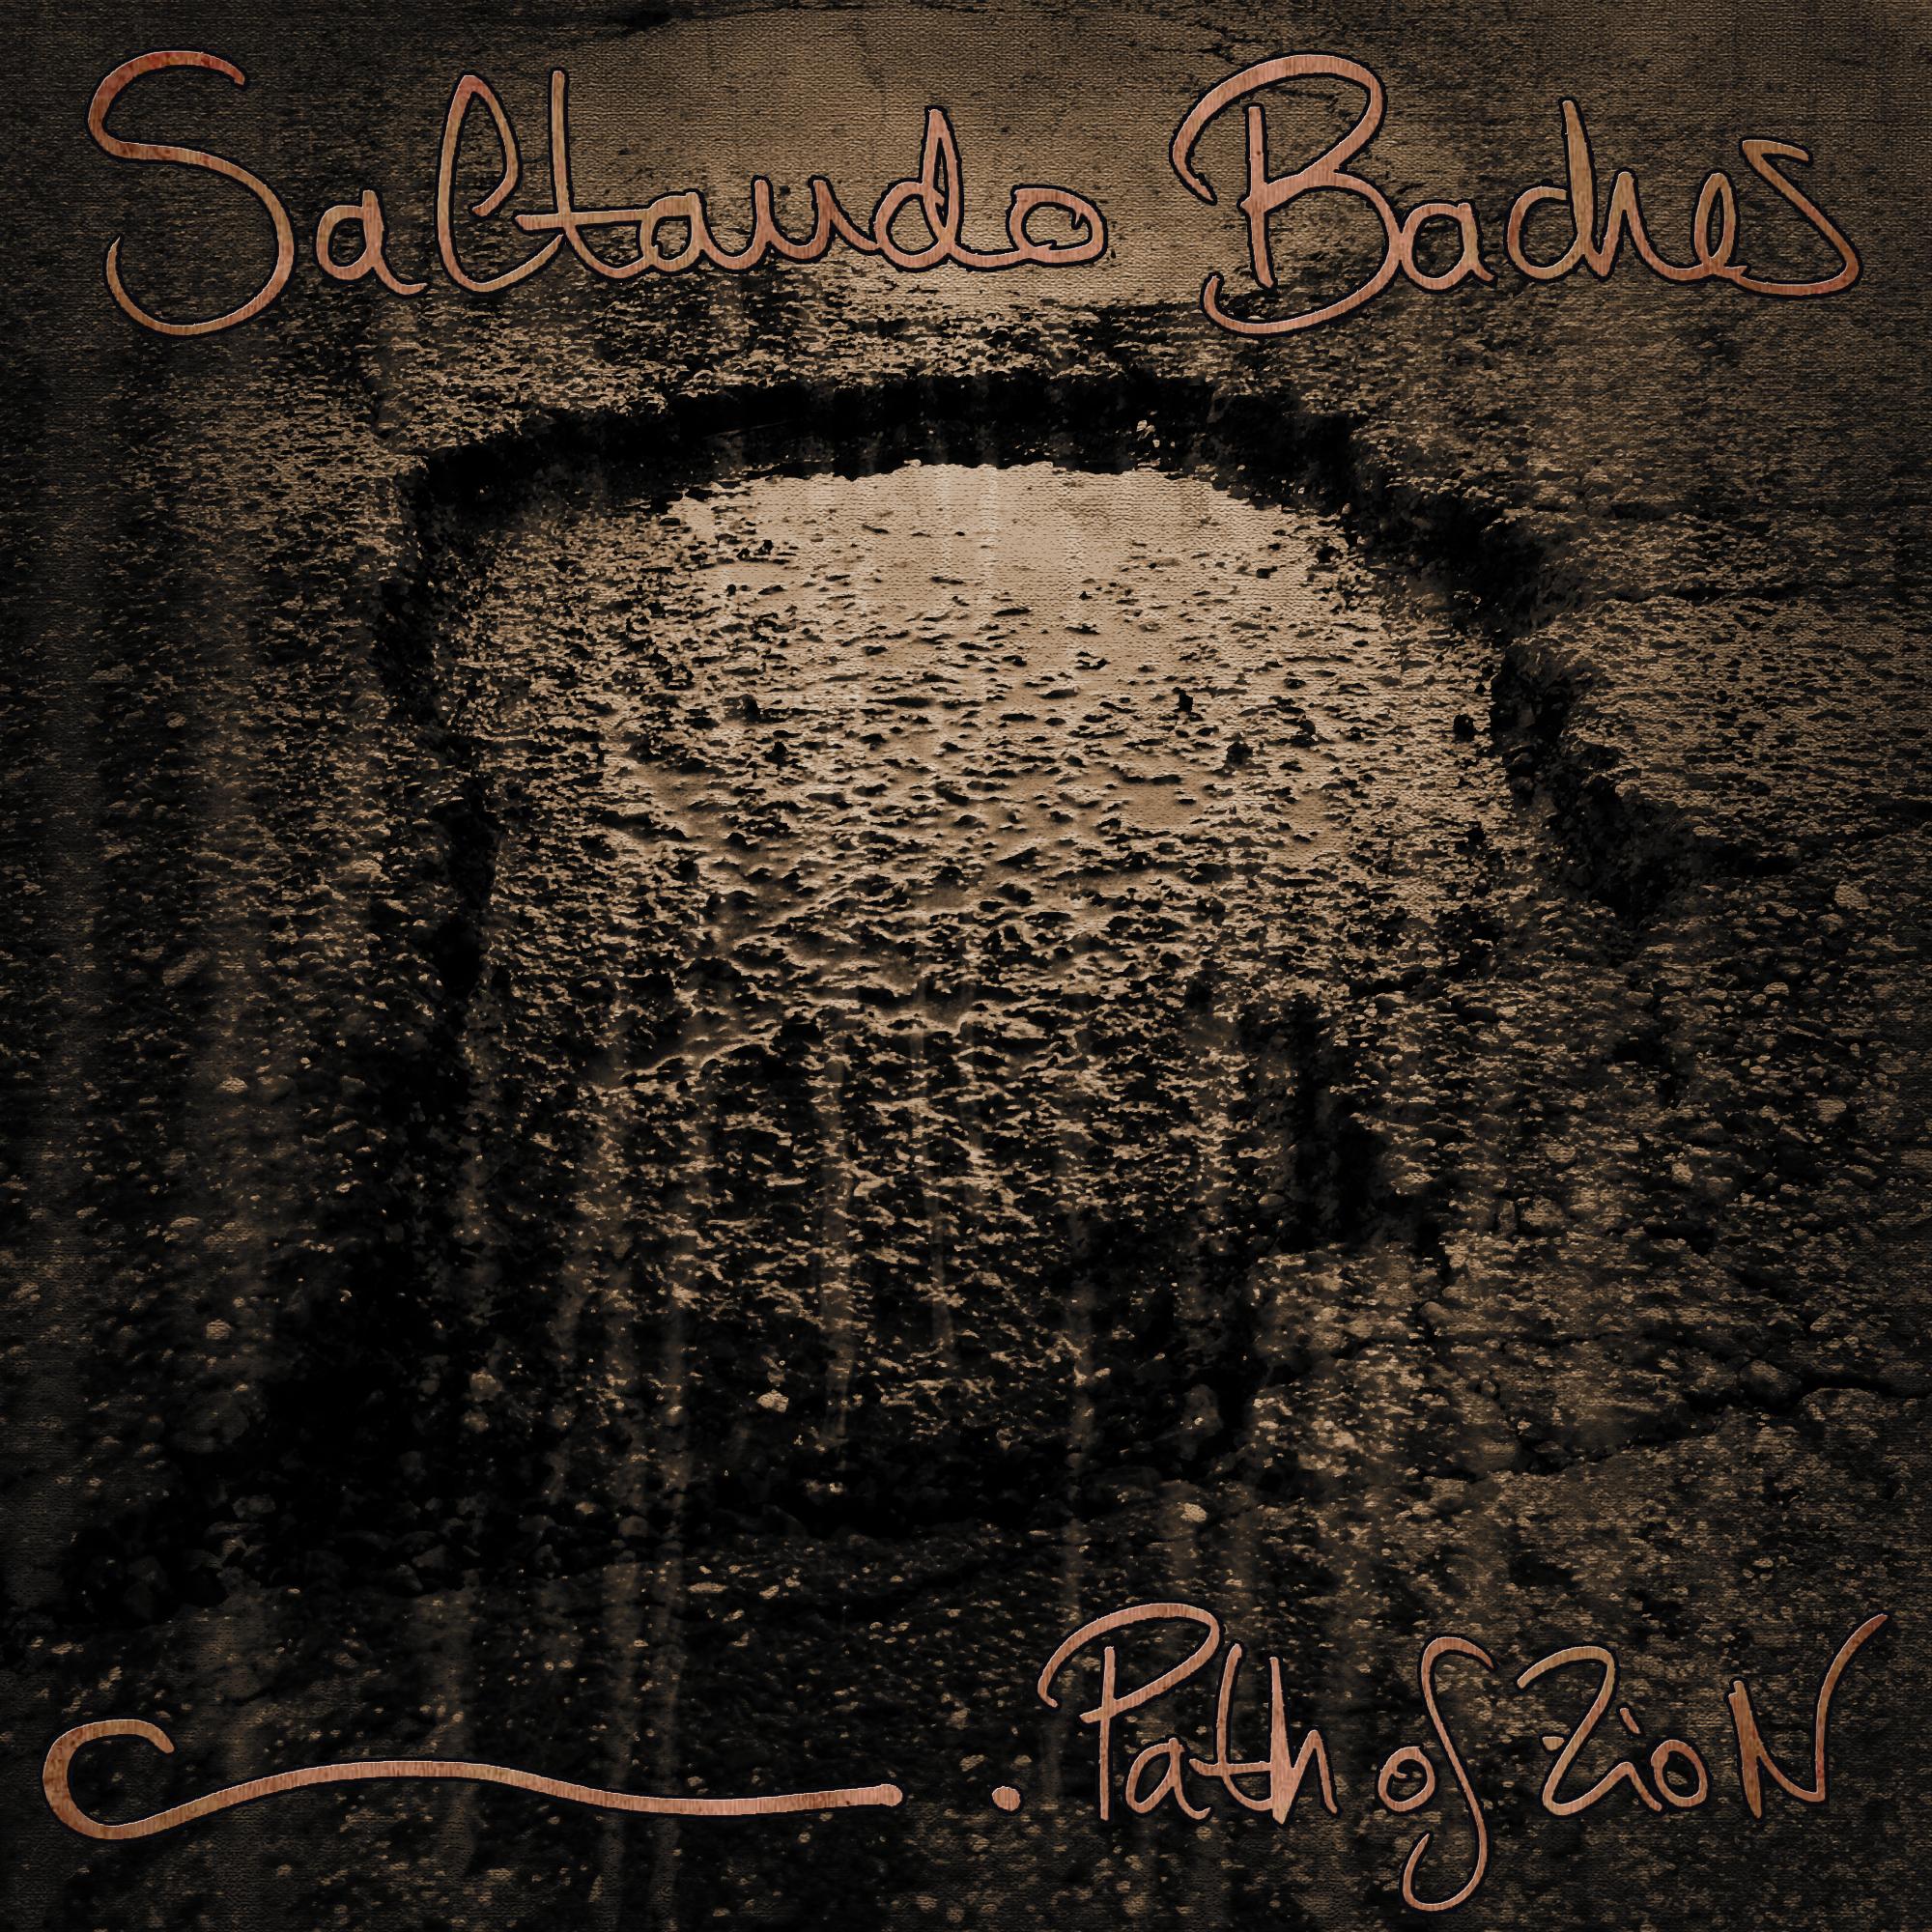 Path of Zion - Saltando Baches (Demo)